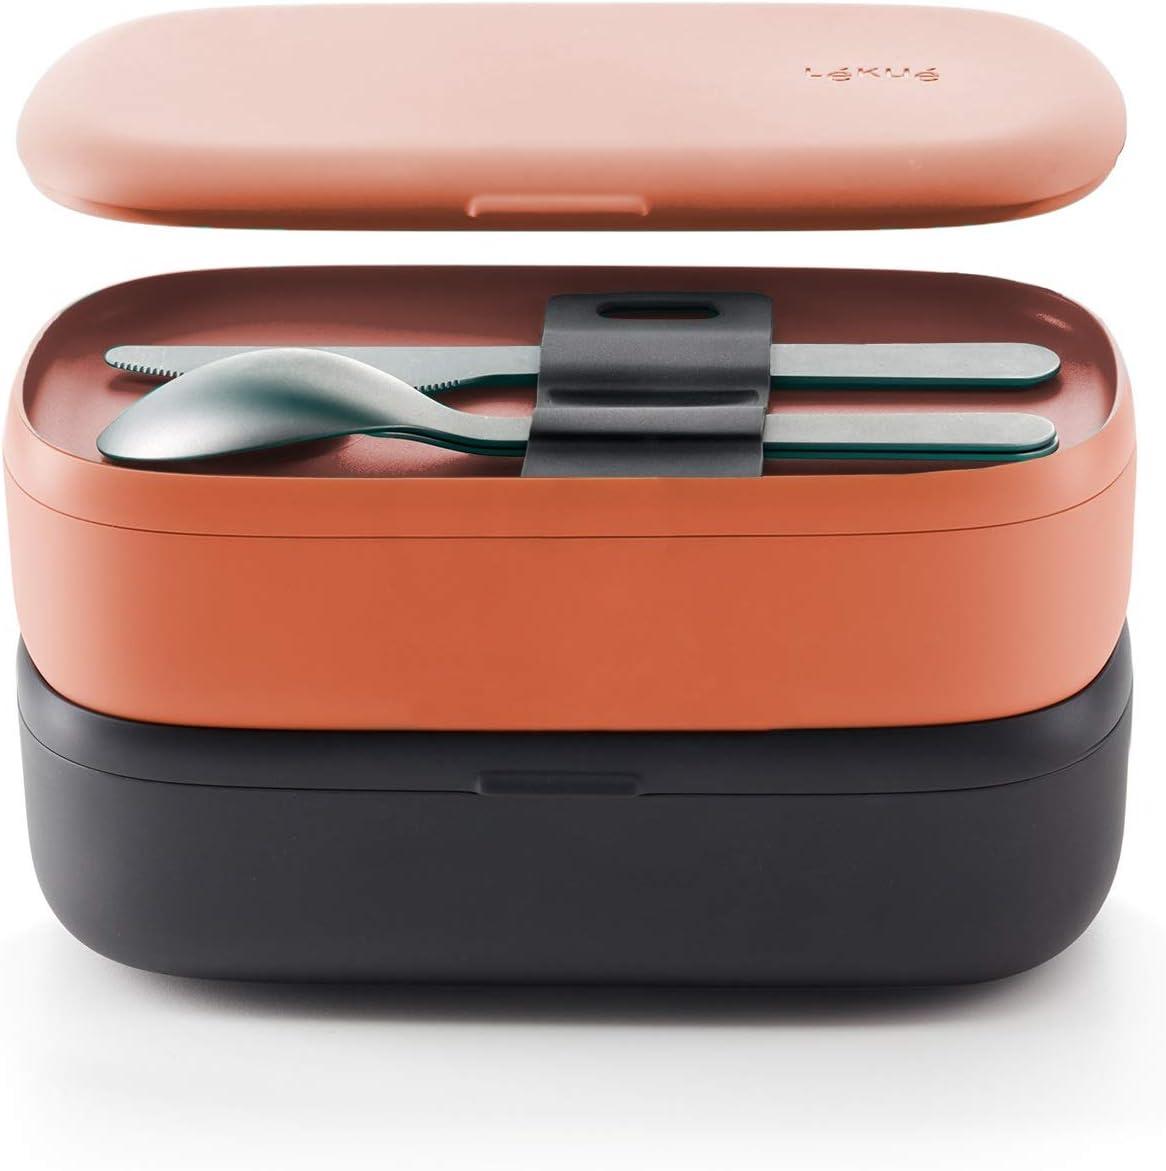 Lékué - Pack Recipiente hermético para Alimentos (Lunchbox to go) + Juego de Cubiertos para Llevar